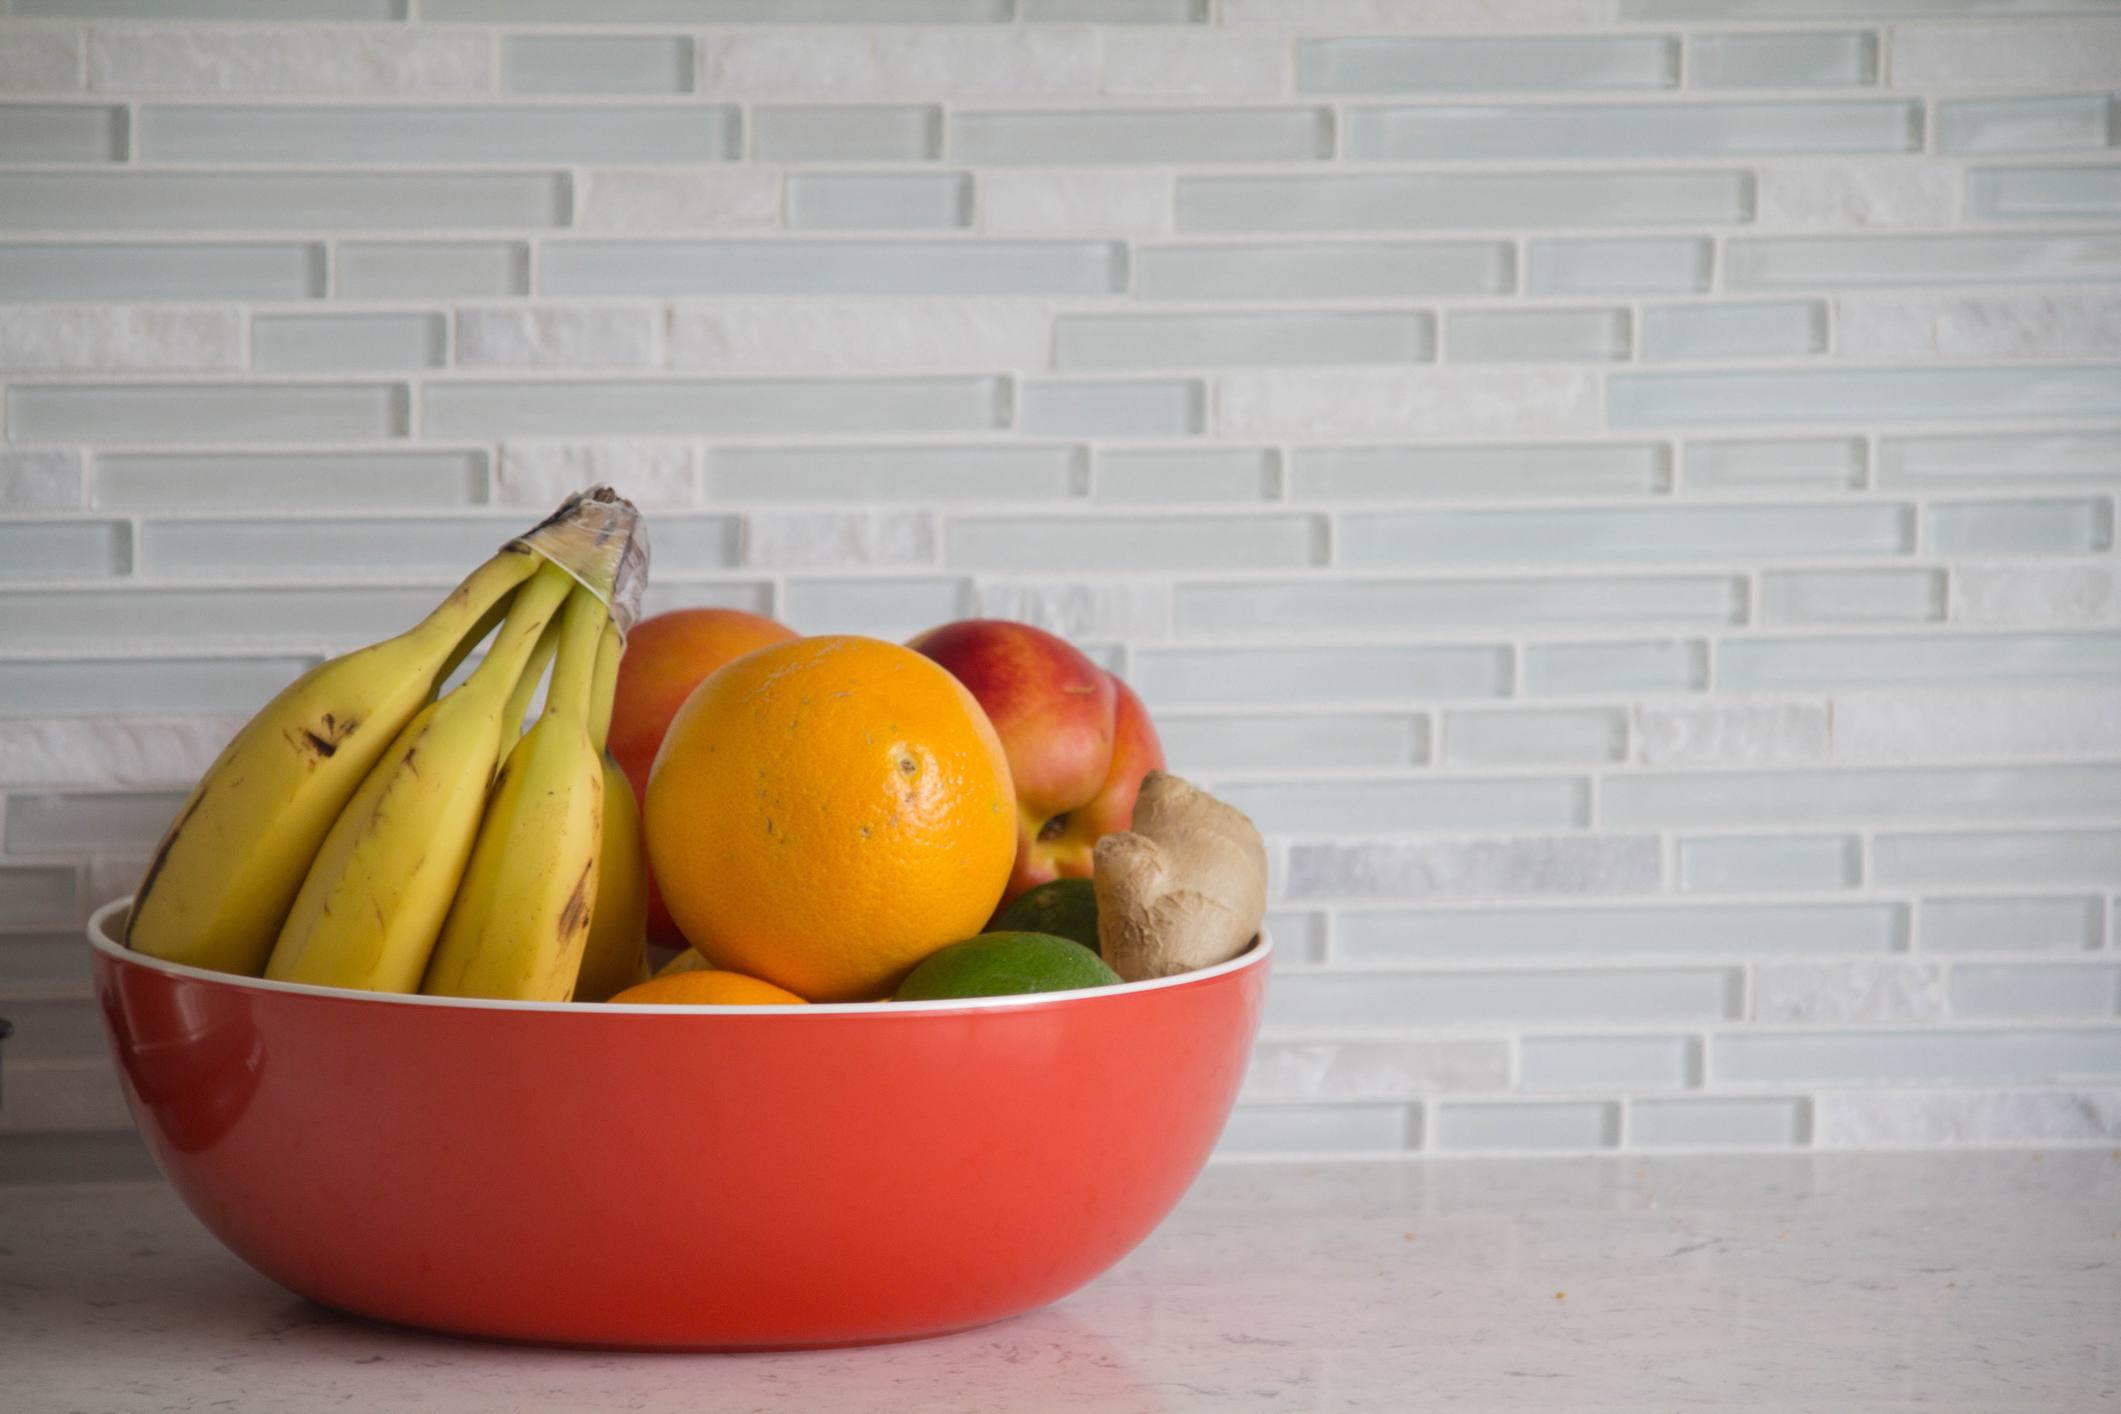 Glass tile backsplash with fruit bowl